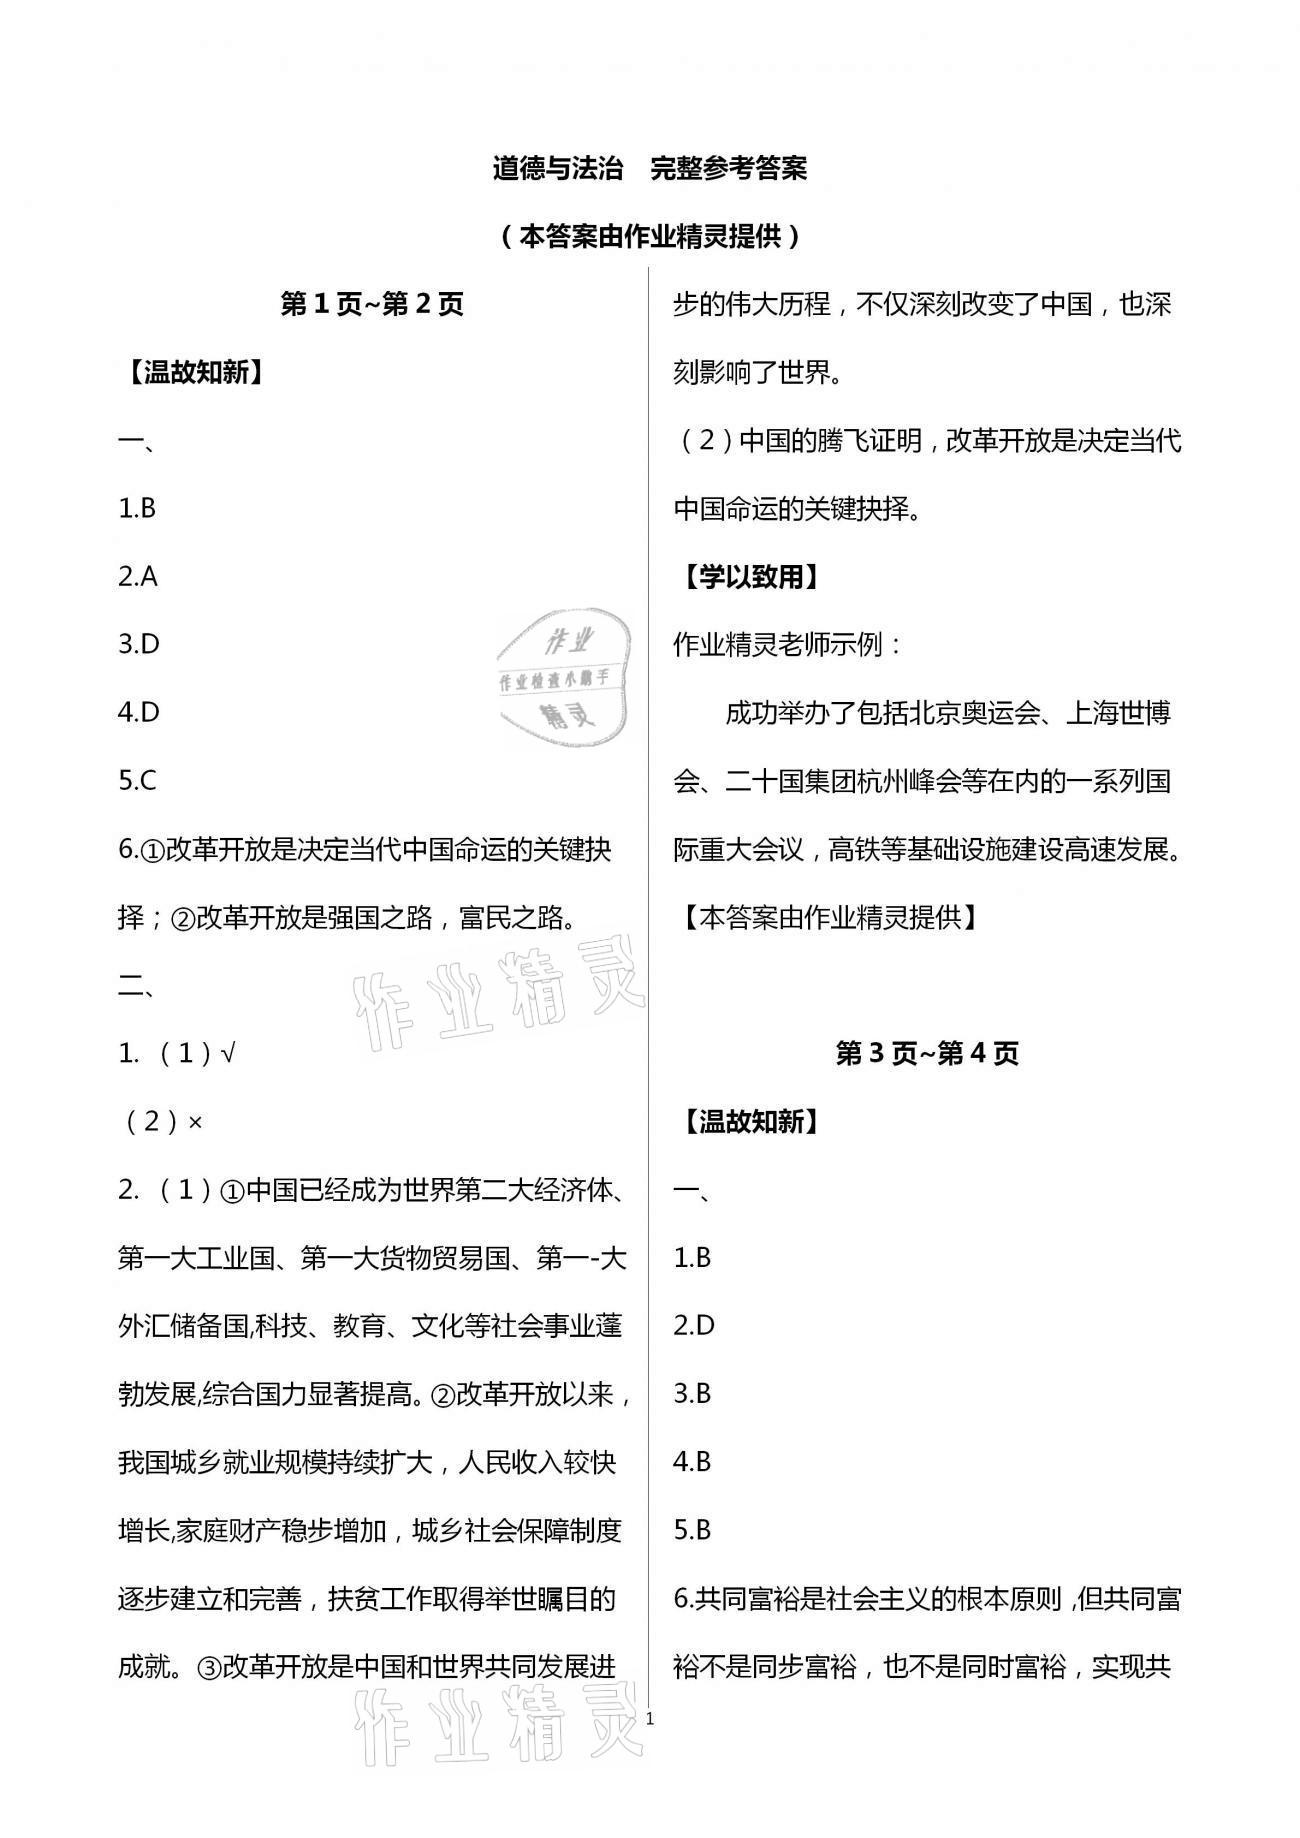 2021年天舟文化精彩寒假九年级文理综合团结出版社第1页